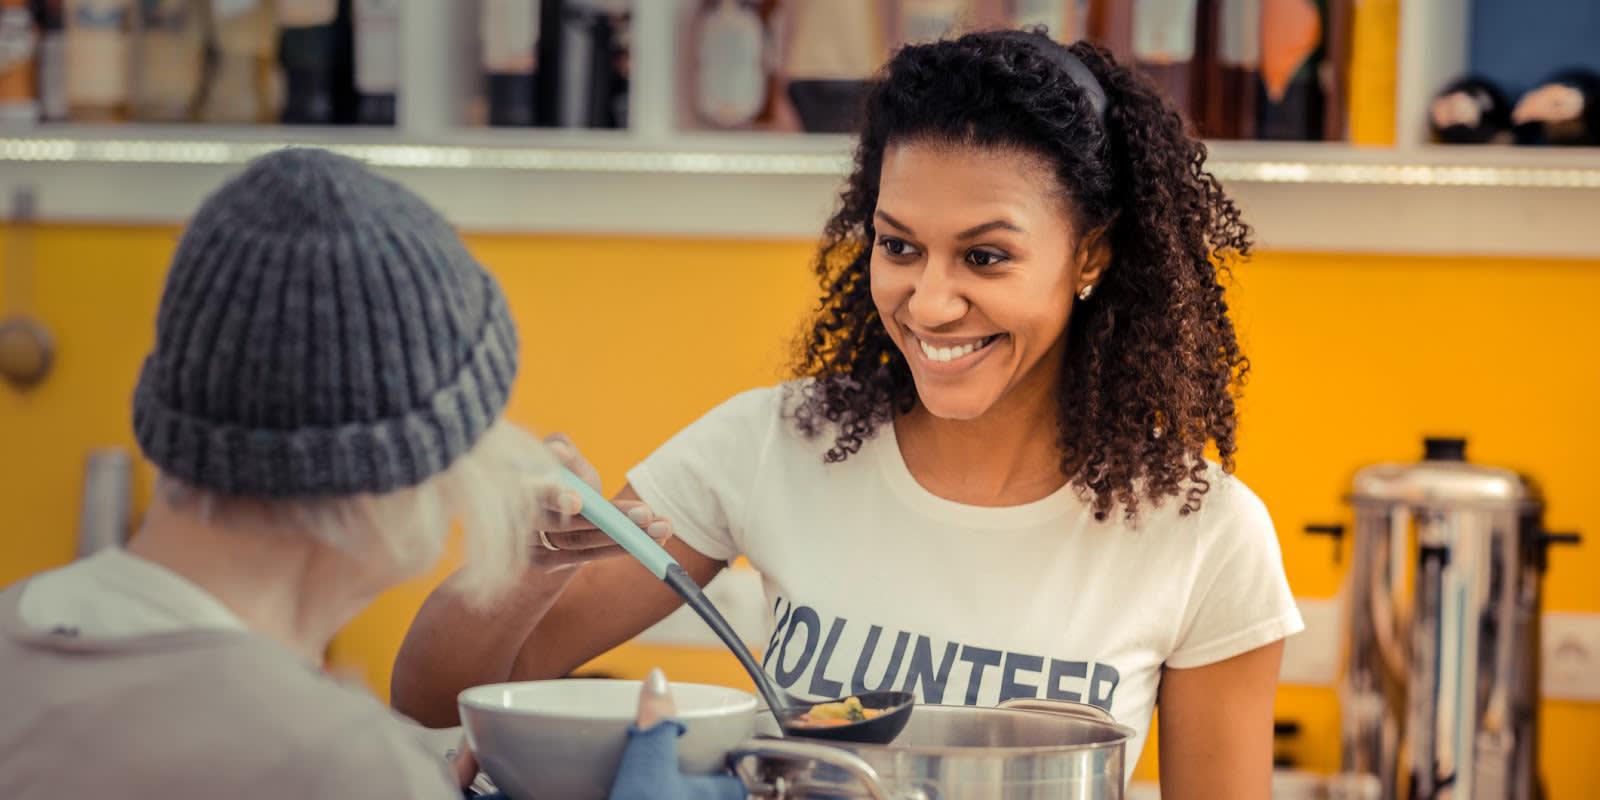 ホームレスの人に食事を提供するボランティアの女性。